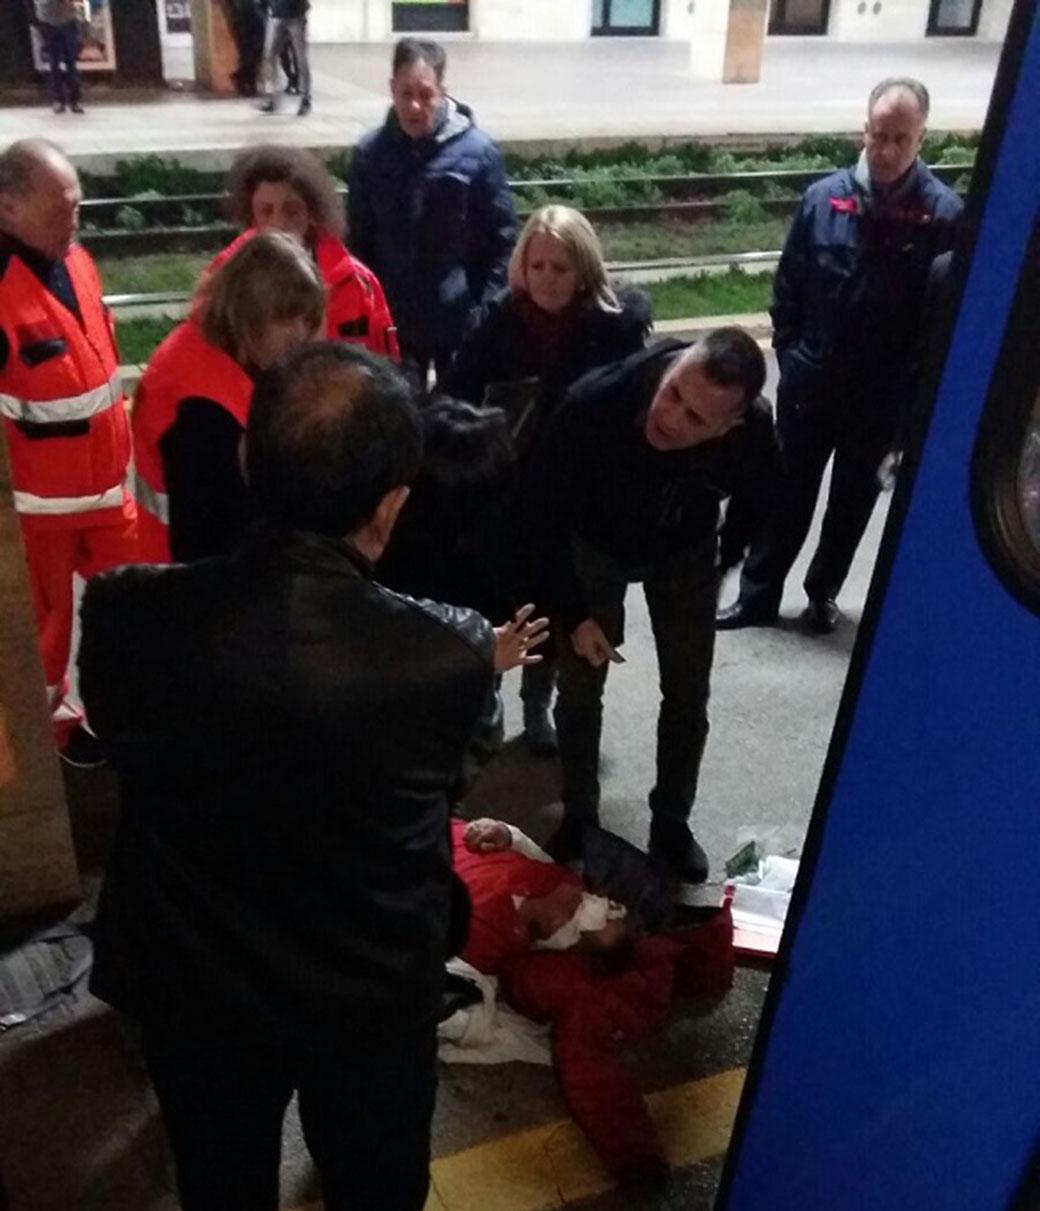 Photo of Paura sul Campobasso-Roma: ubriaco blocca il treno, parapiglia a bordo